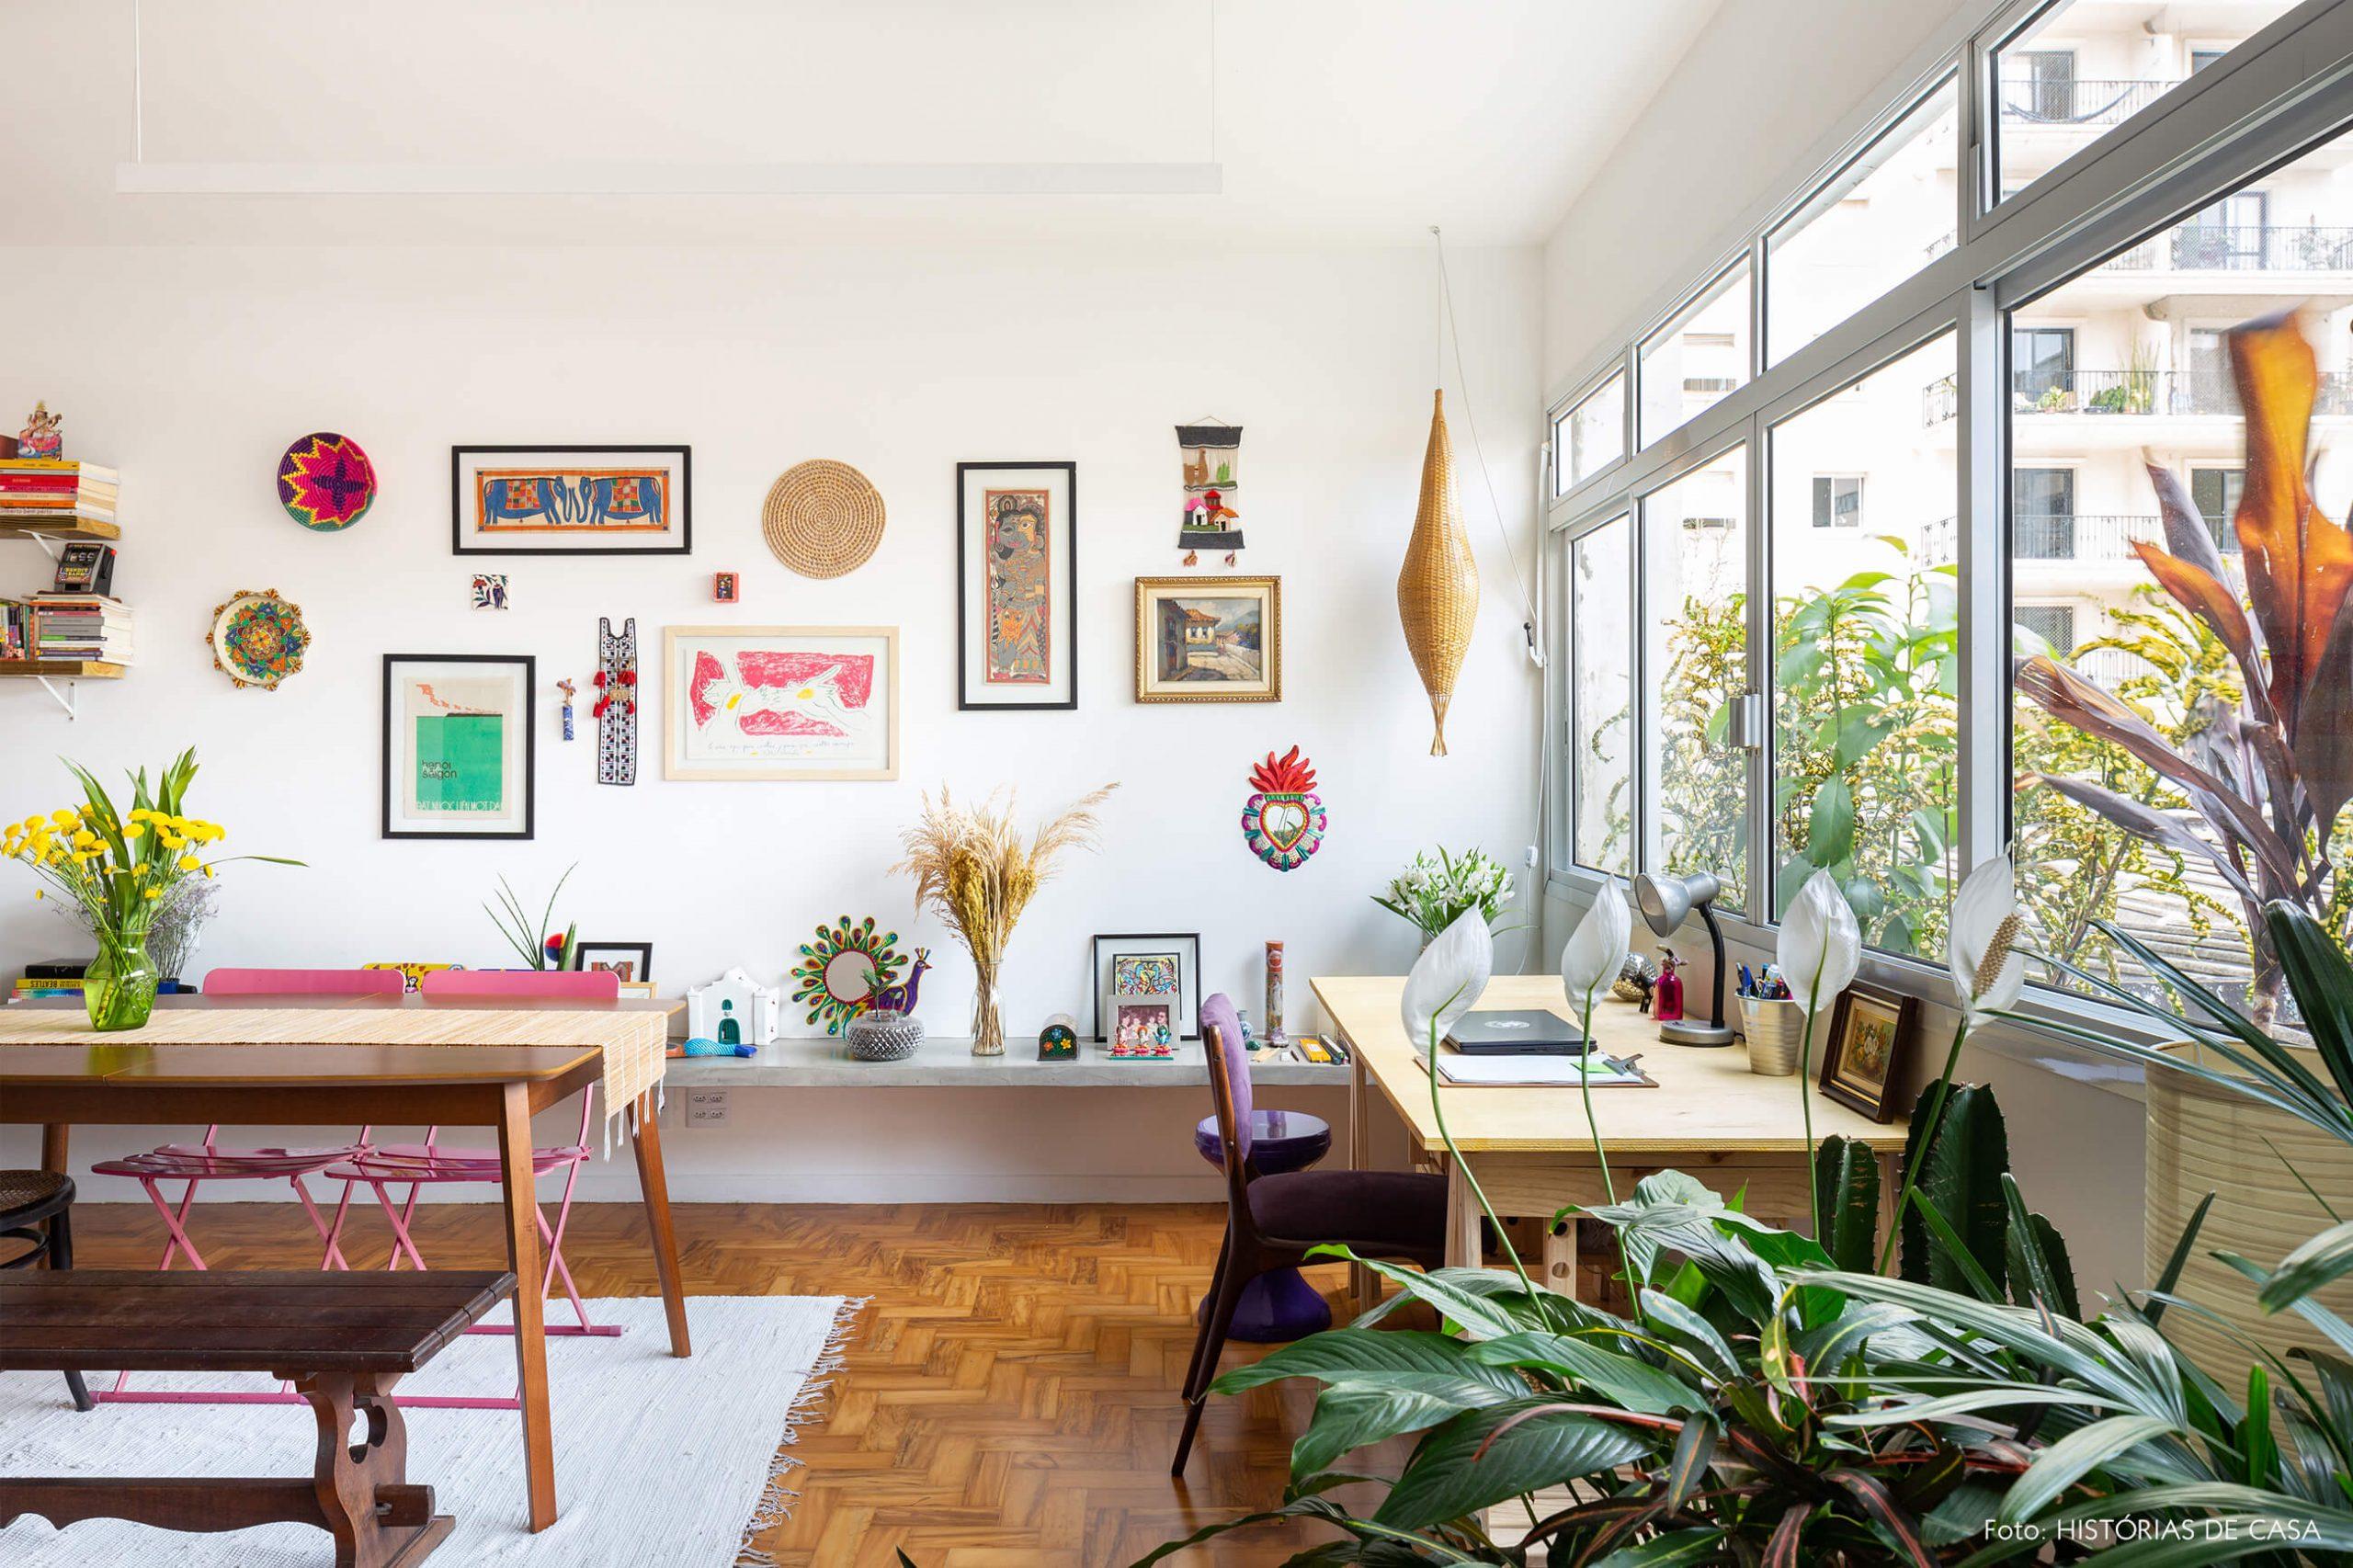 decoração sala jantar com móveis de madeira objetos coloridos e plantas